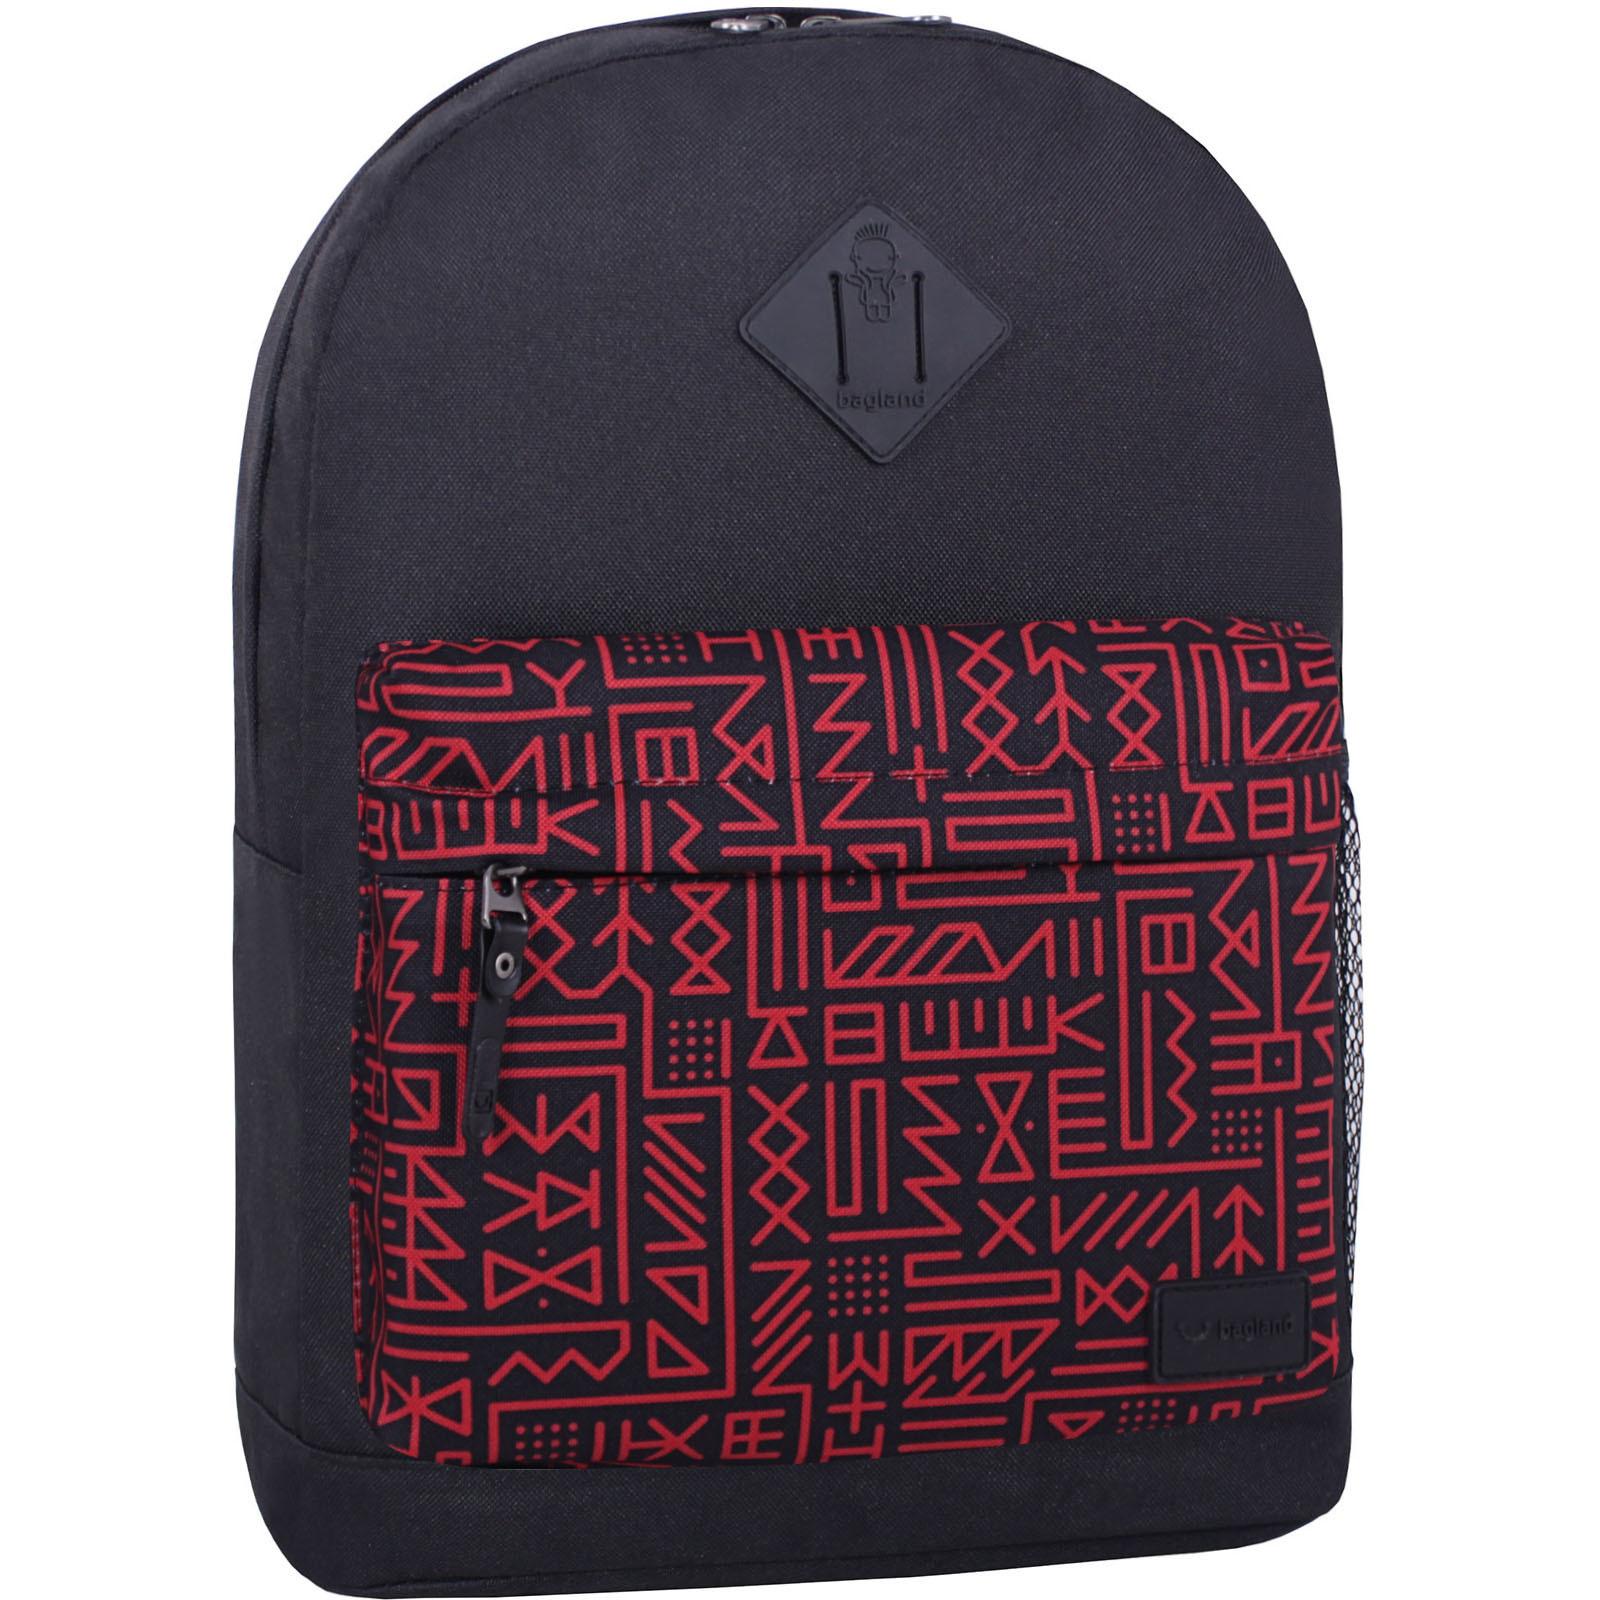 Городские рюкзаки Рюкзак Bagland Молодежный W/R 17 л. черный 741 (00533662) IMG_6826_суб741_-1600.jpg